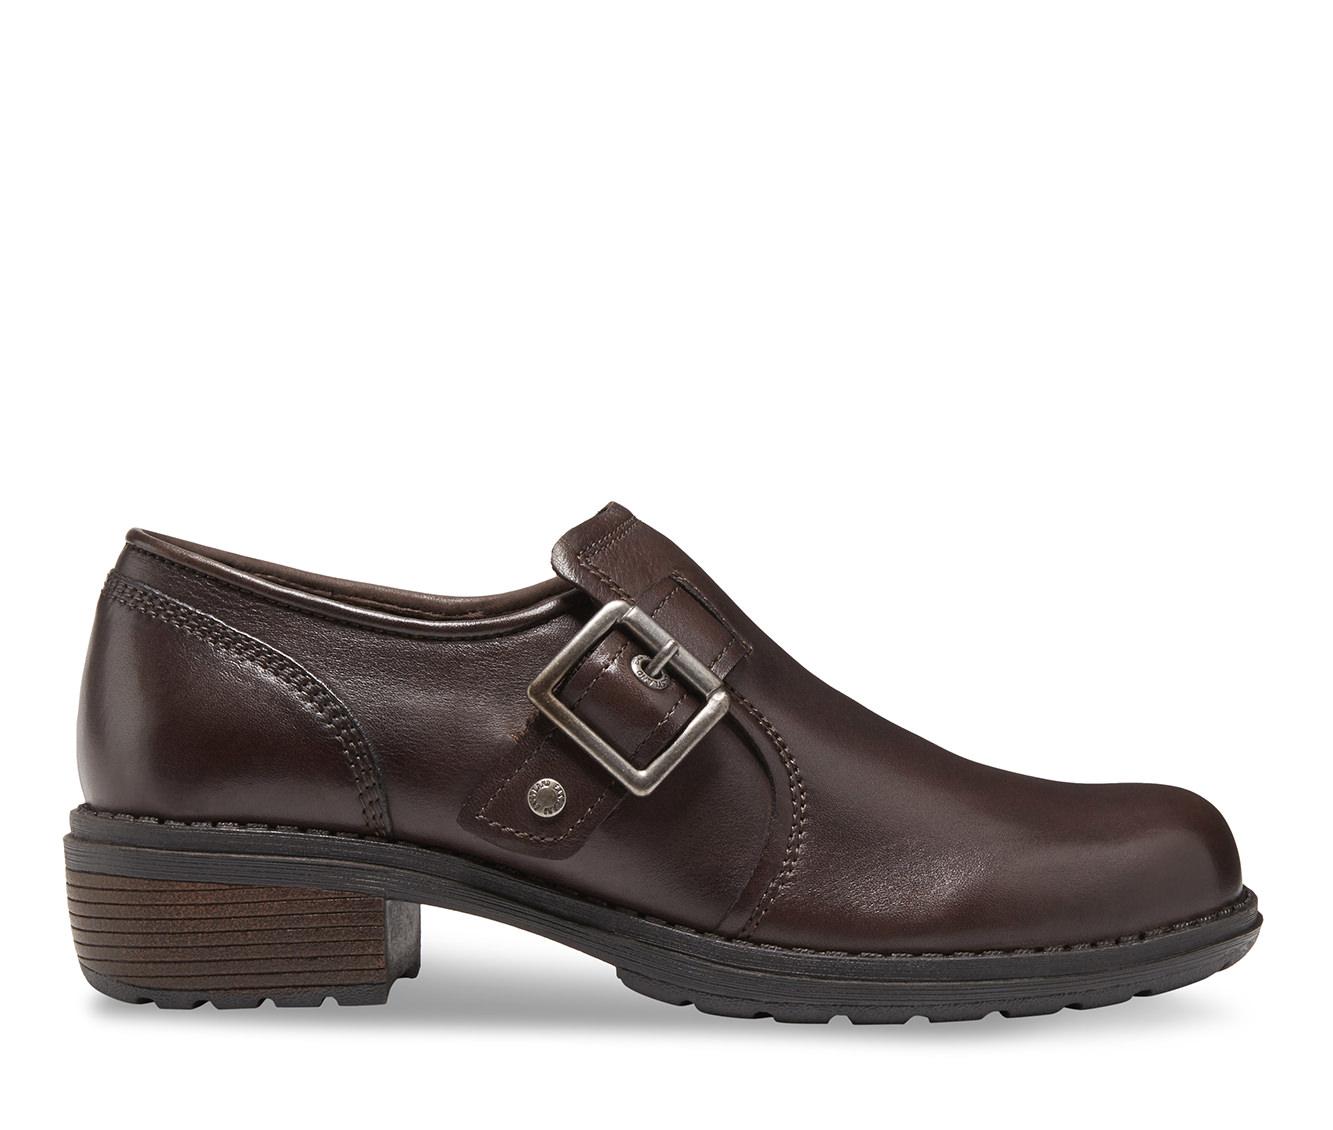 Eastland Open Road Women's Shoe (Brown Leather)